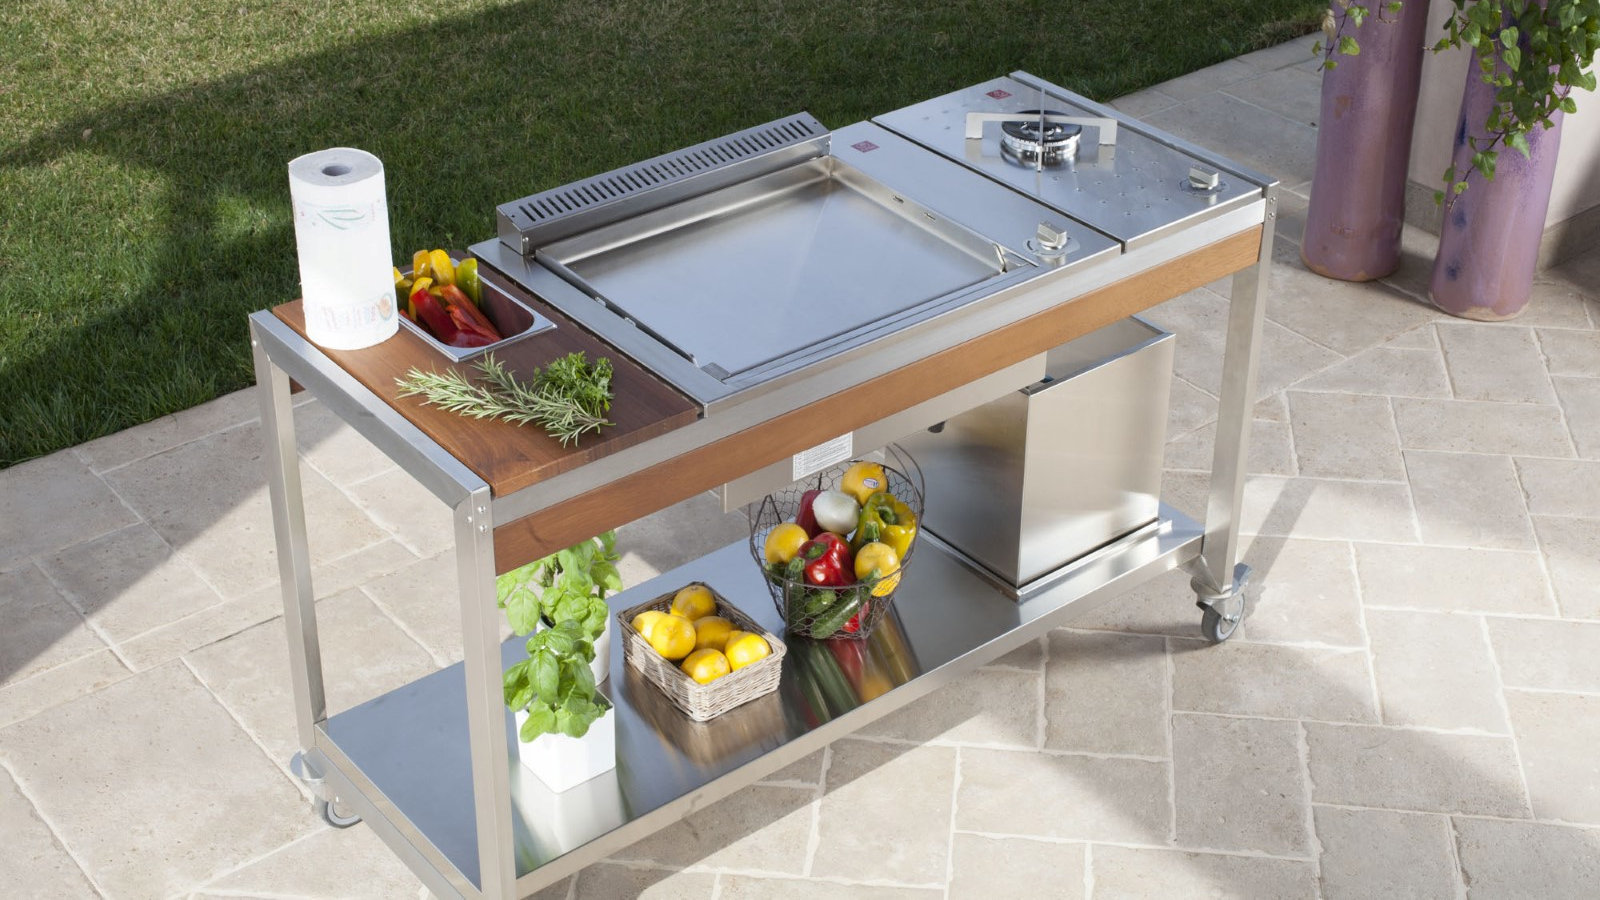 Outdoorküche Zubehör Preise : Modulare outdoorküche oasi von pla.net bei gardelino.de